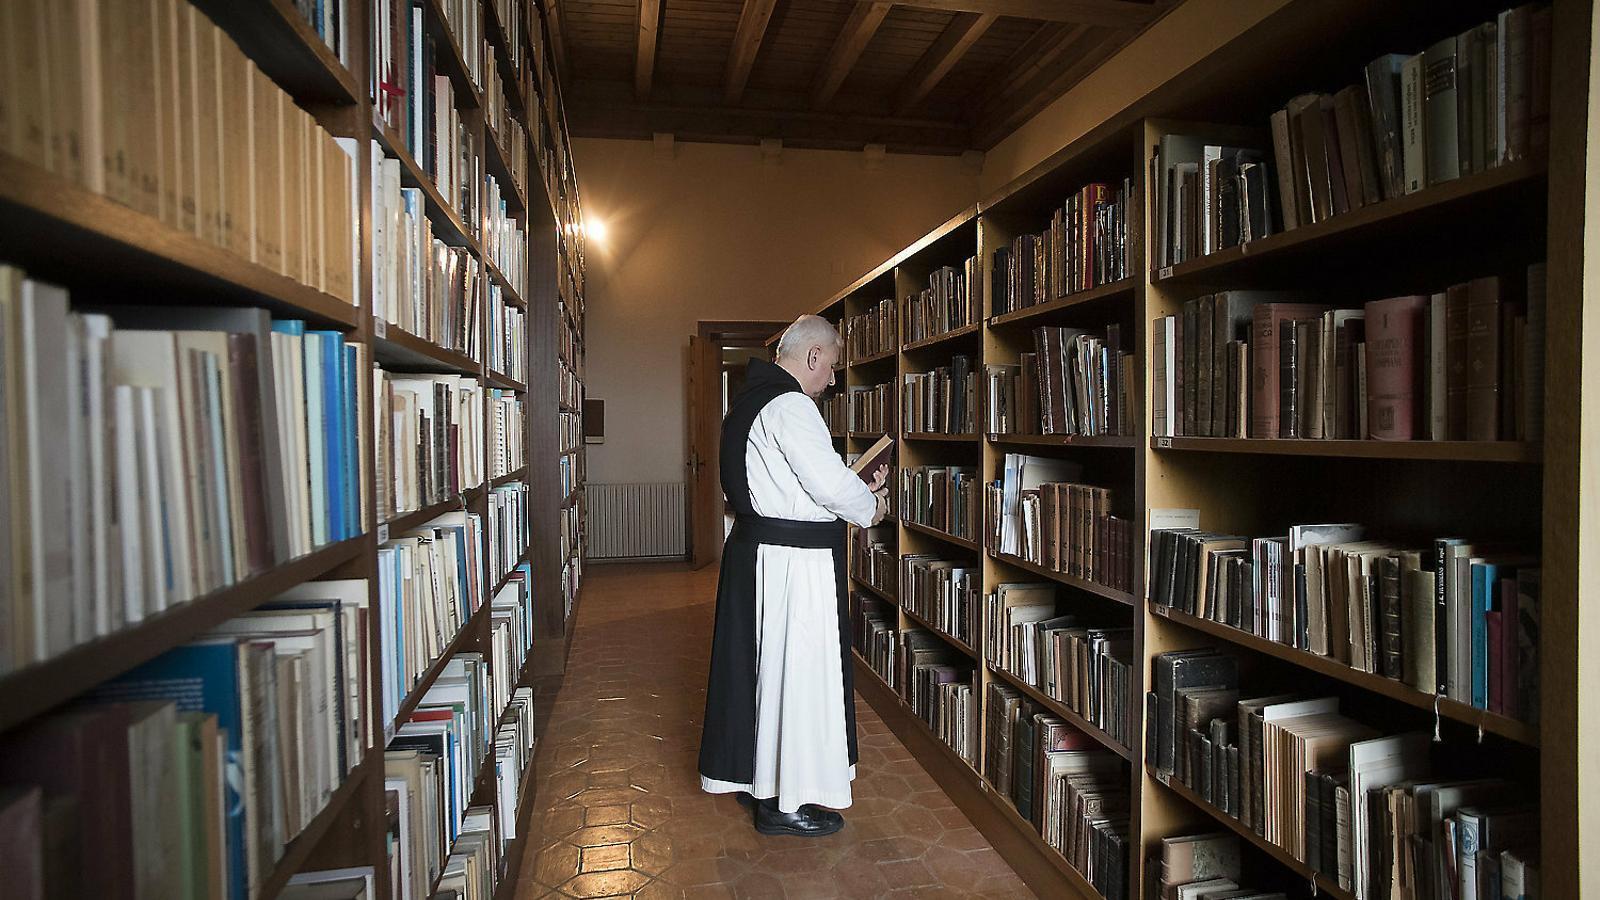 Un monjo en un dels espais on es guarden alguns dels 150.000 llibres que hi ha a Poblet. Abans eren dependències de l'Arxiu Tarradellas.